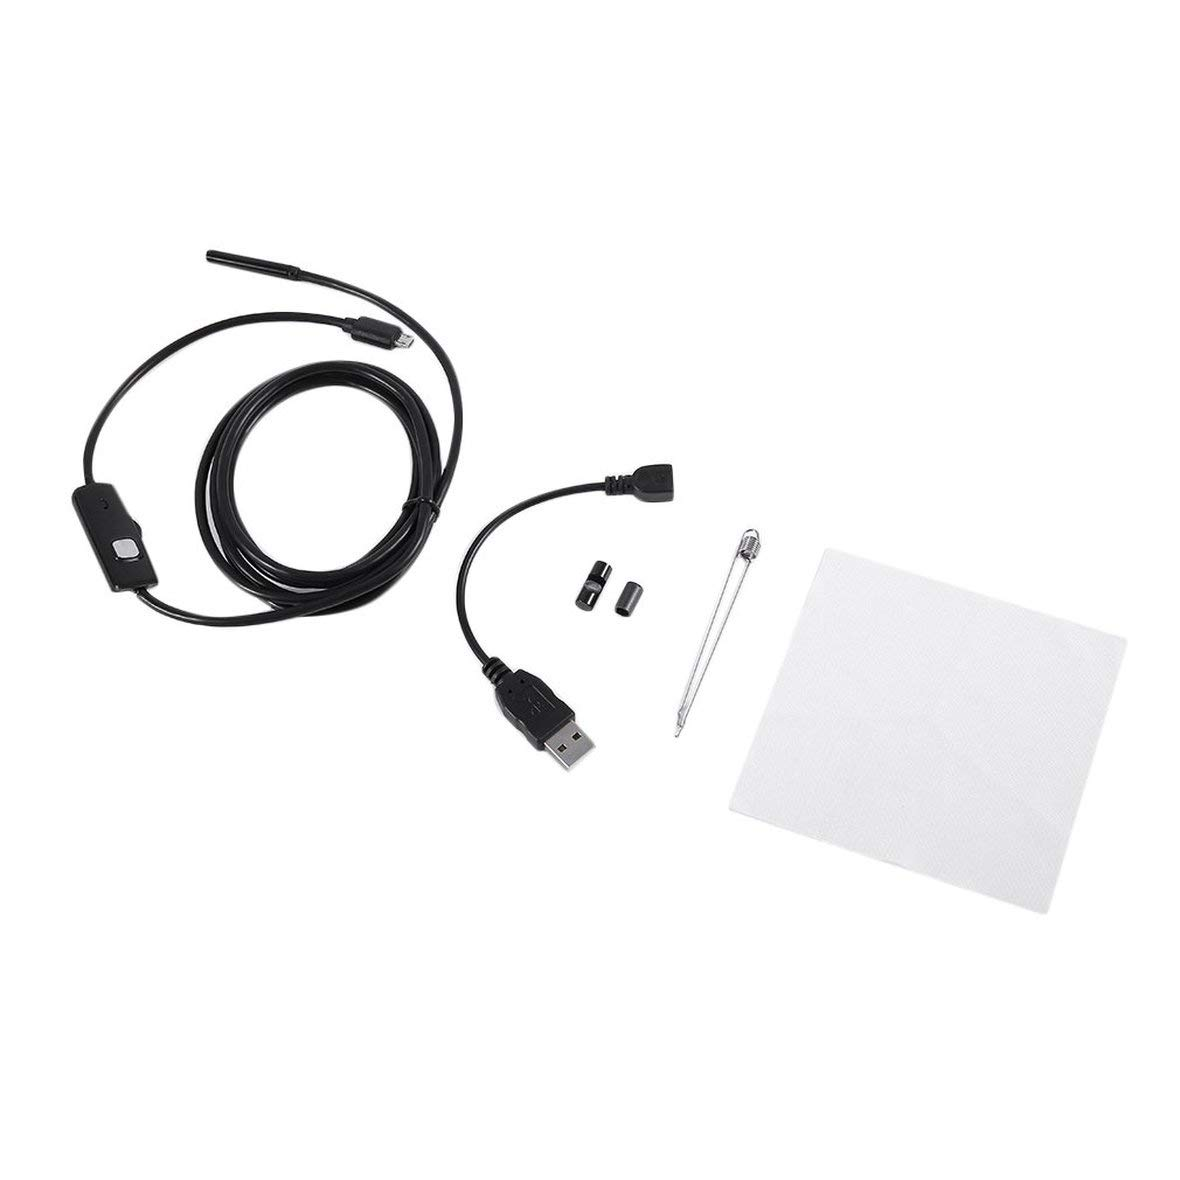 Endoscope 720P de l'objectif 720P Heaviesk 2M 6LED 5.5mm Endoscope é tanche Inspection Endoscope pour Android Focus Camé ra USB Câ ble Endoscope é tanche